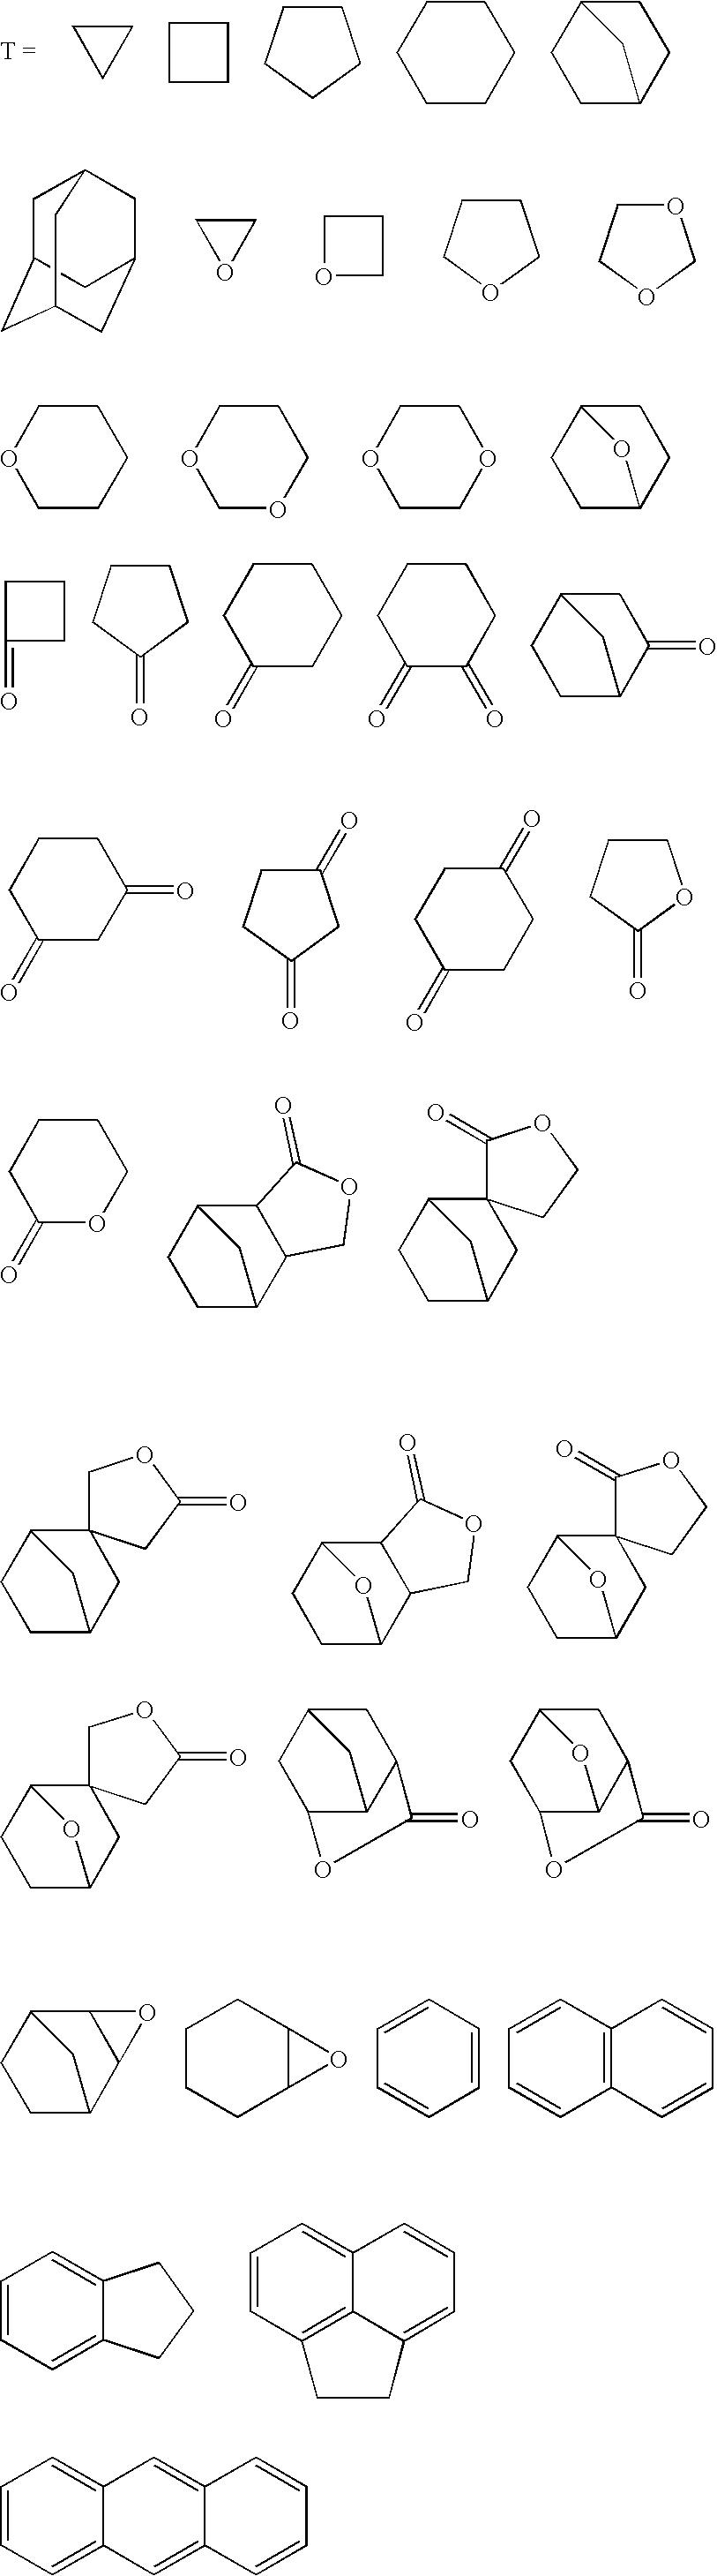 Figure US20080026322A1-20080131-C00002